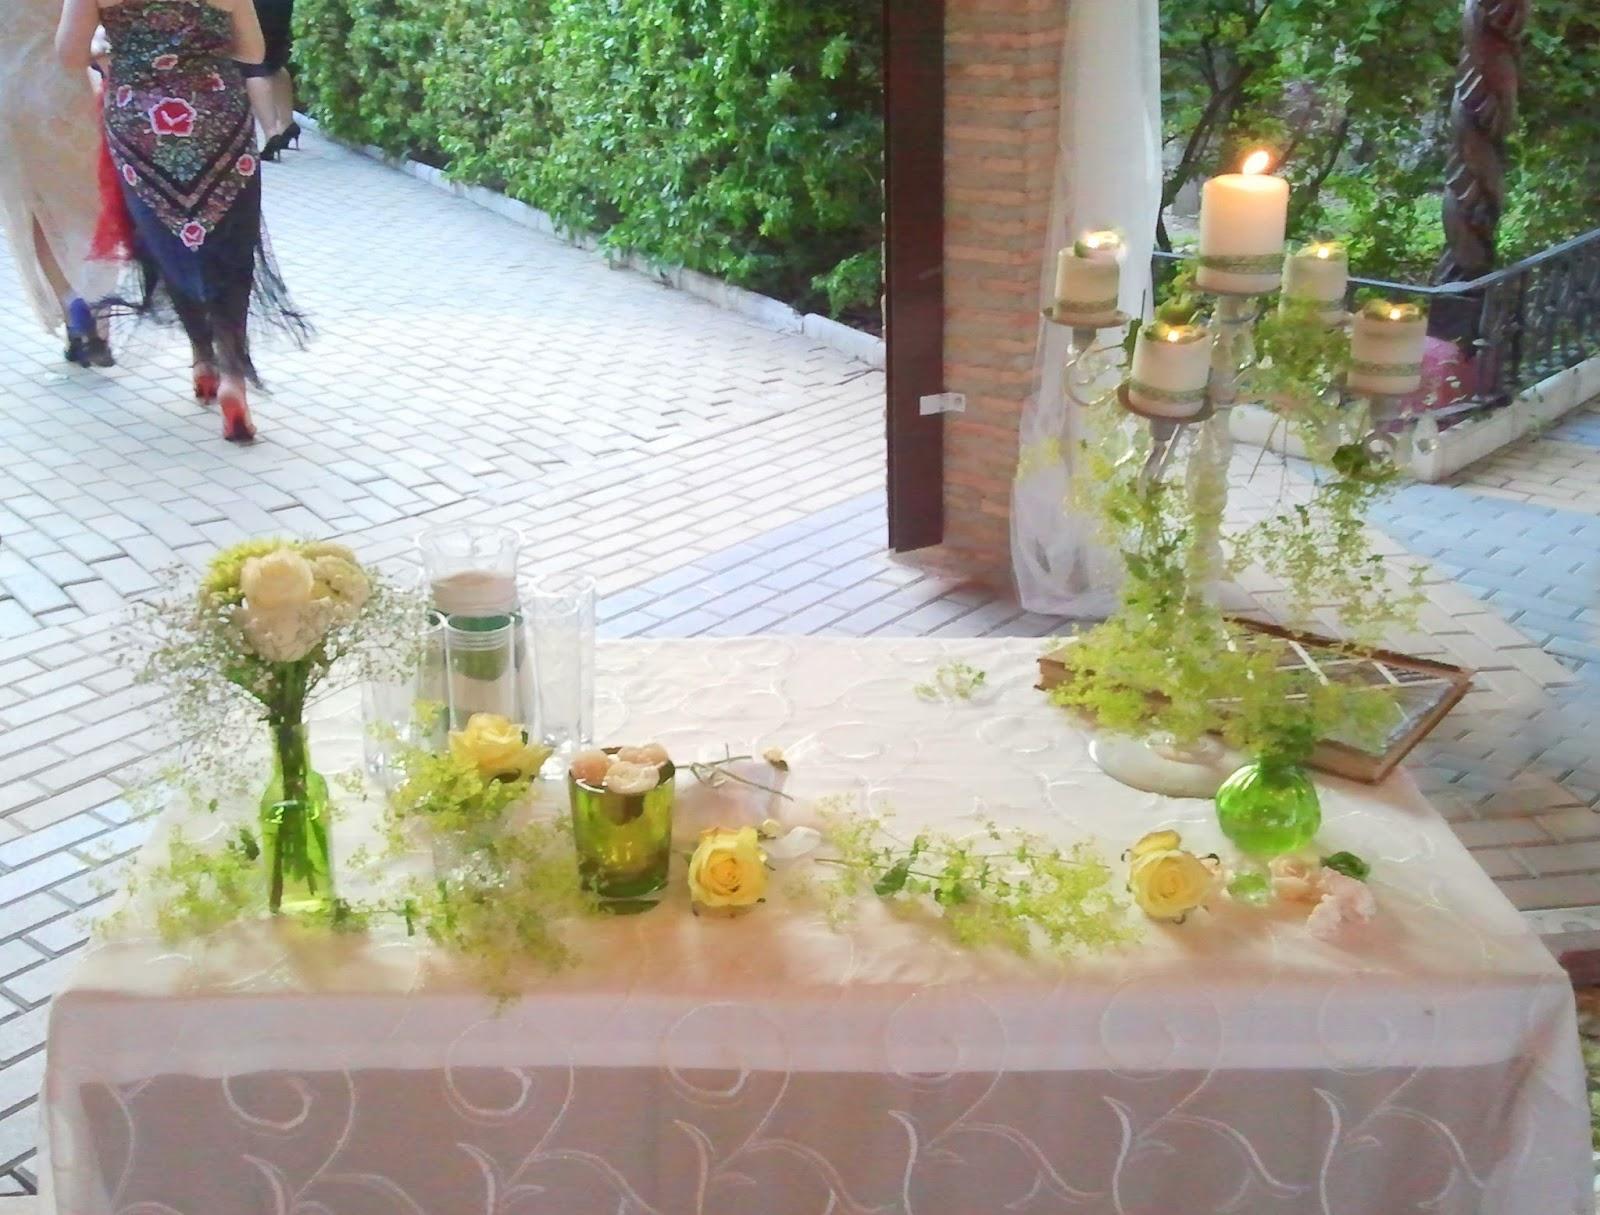 Decoraci n de bodas vintage r stico chic decoraci n - Decoracion rustico chic ...